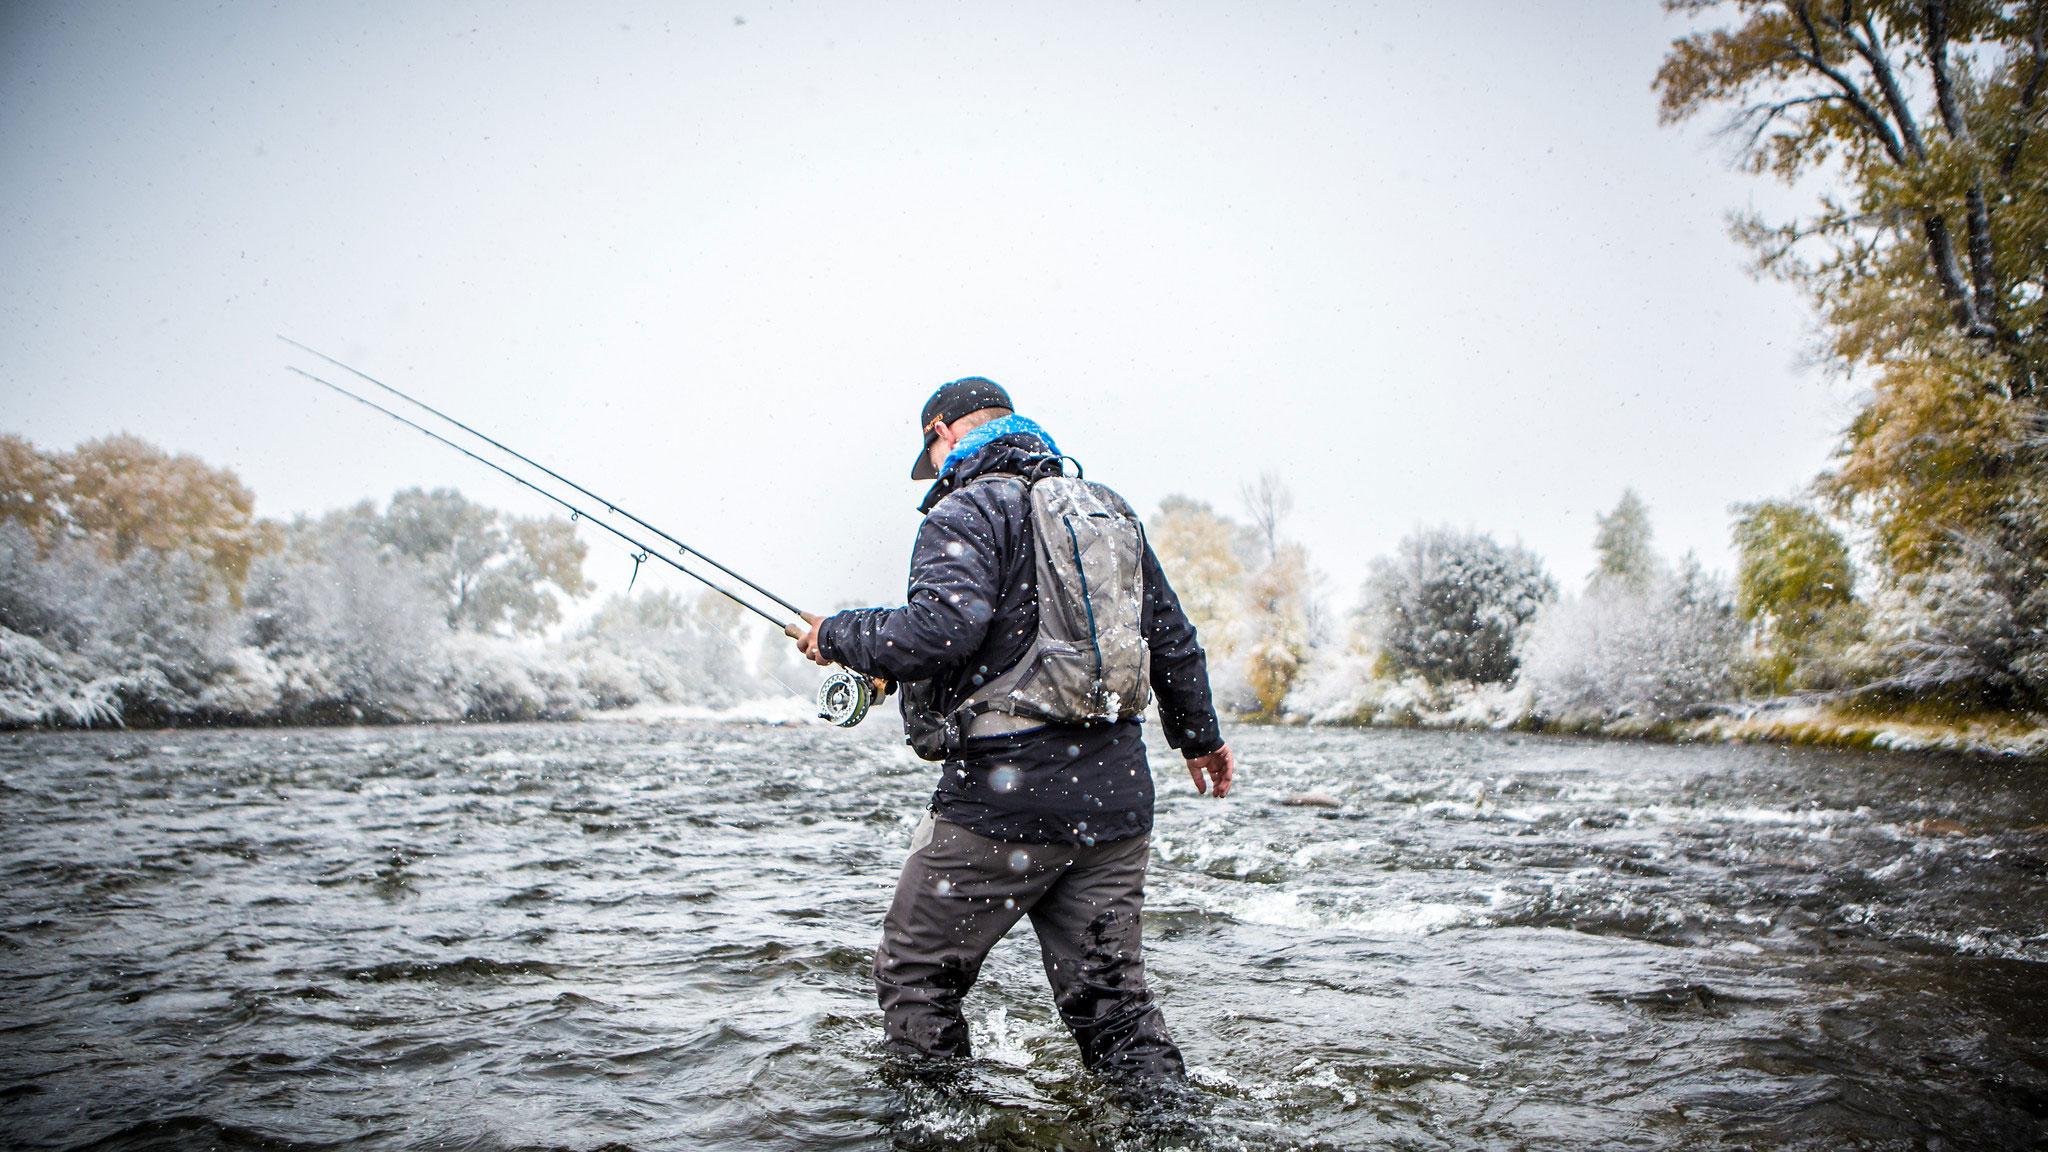 Fisherman walking through stream during snowy season